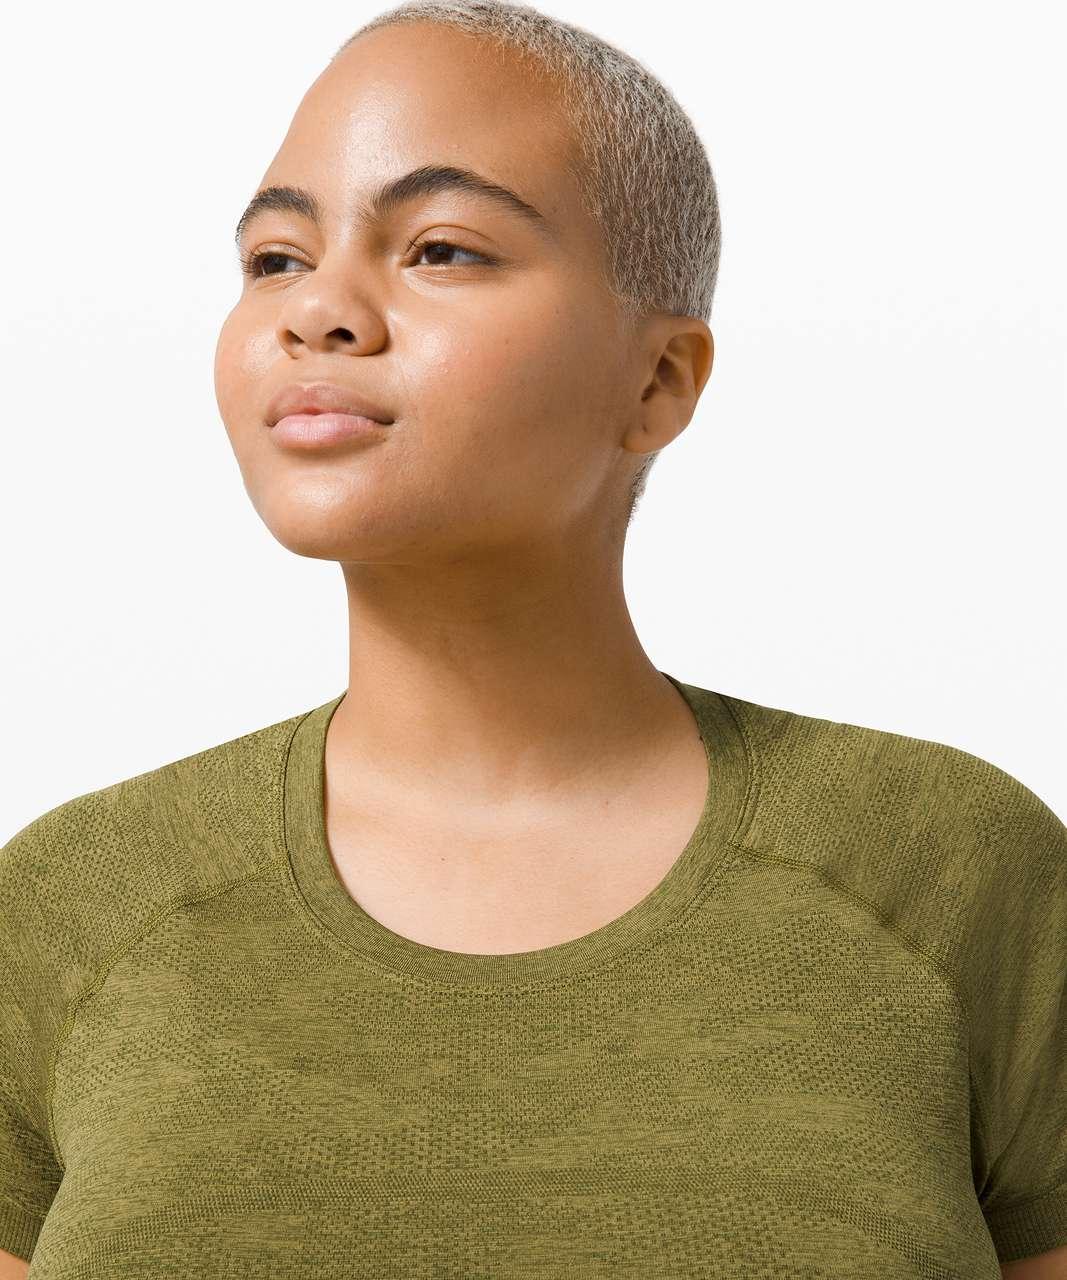 Lululemon Swiftly Tech Short Sleeve 2.0 - Variegated Mesh Camo Moss Green / Bronze Green